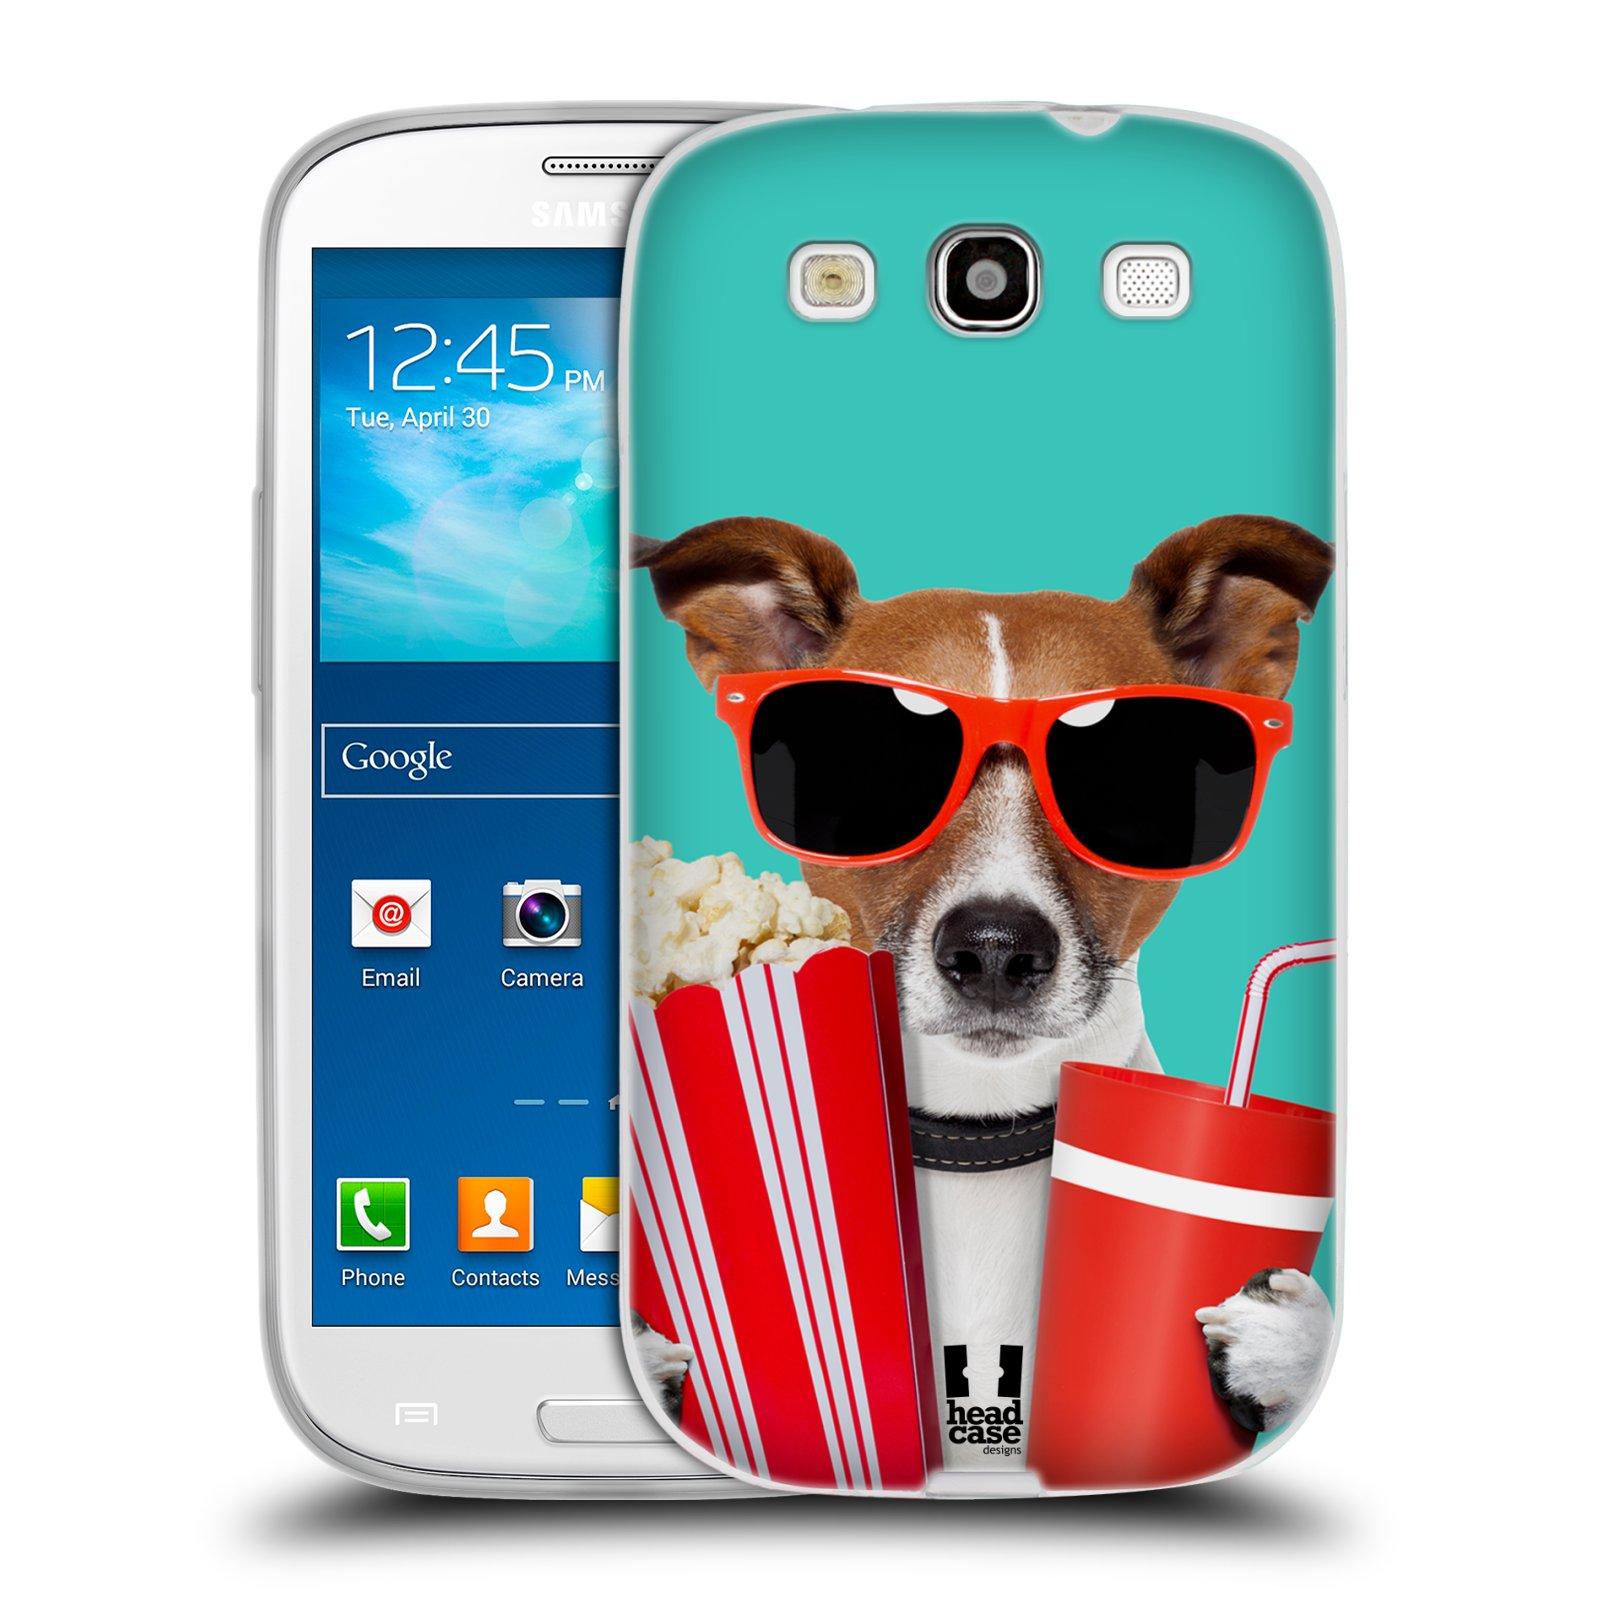 HEAD CASE silikonový obal na mobil Samsung Galaxy S3 i9300 vzor Legrační zvířátka pejsek v kině s popkornem